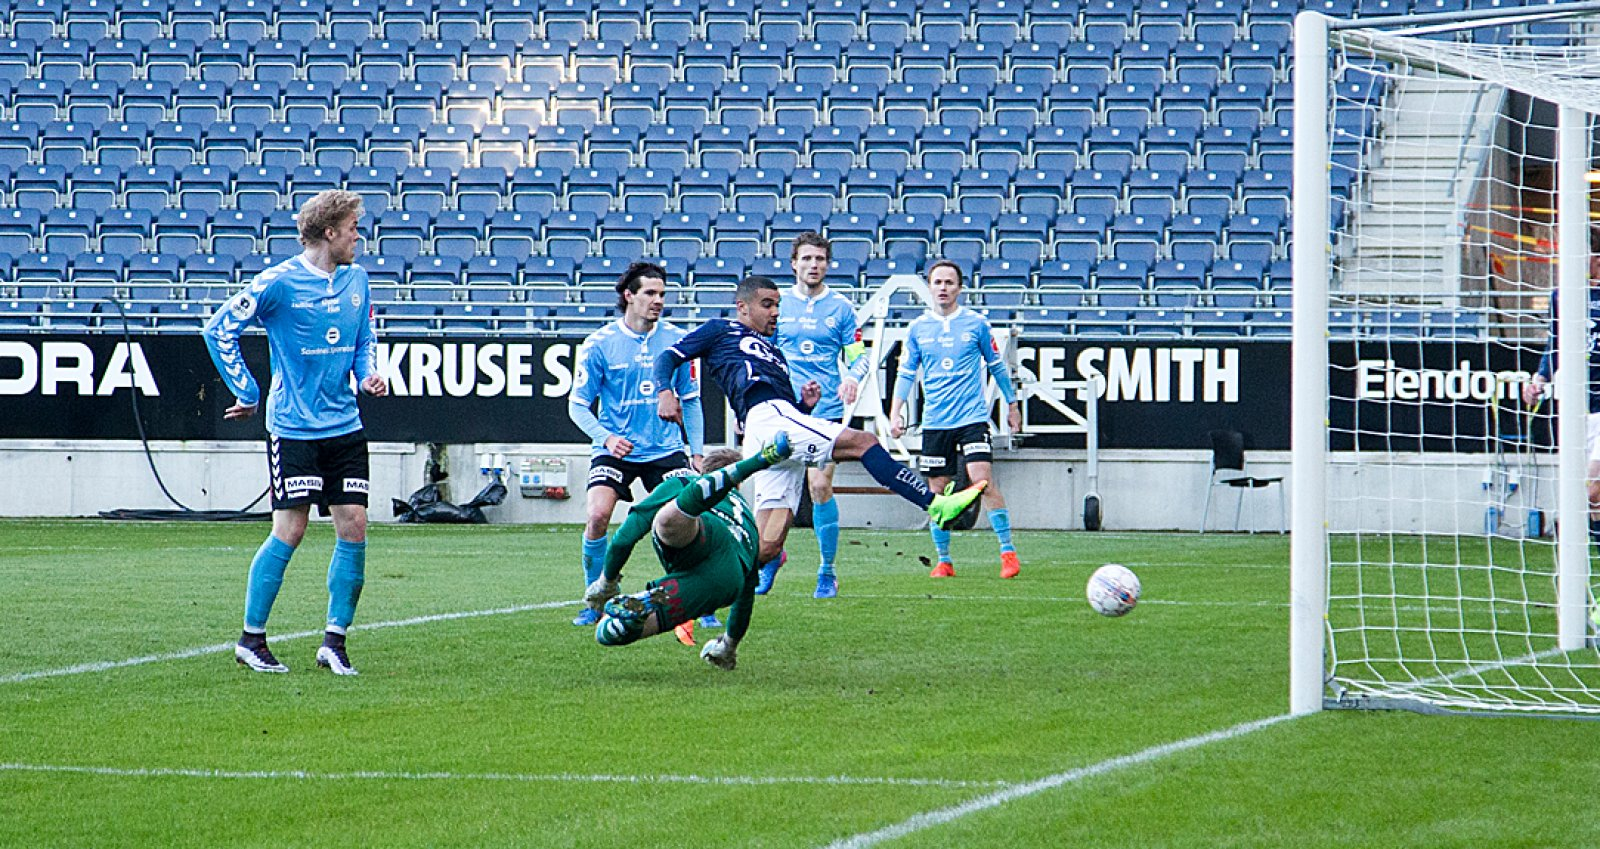 Viking - Sandnes Ulf 3-3. Kwesi Appiah reduserer til 2-3. Foto: Tore Fjermestad